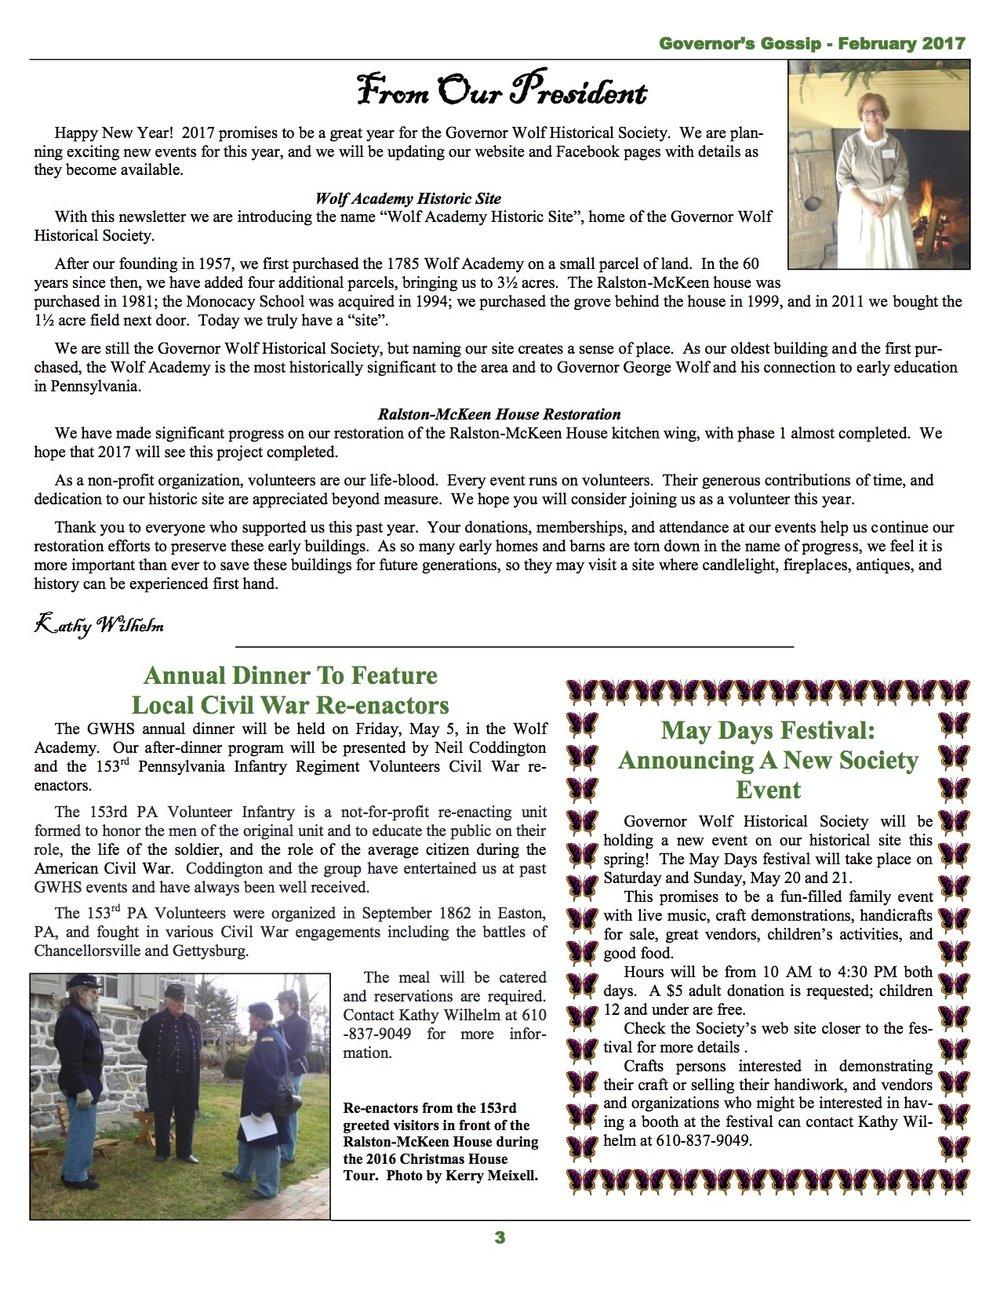 2017 February Newsletter3.jpg